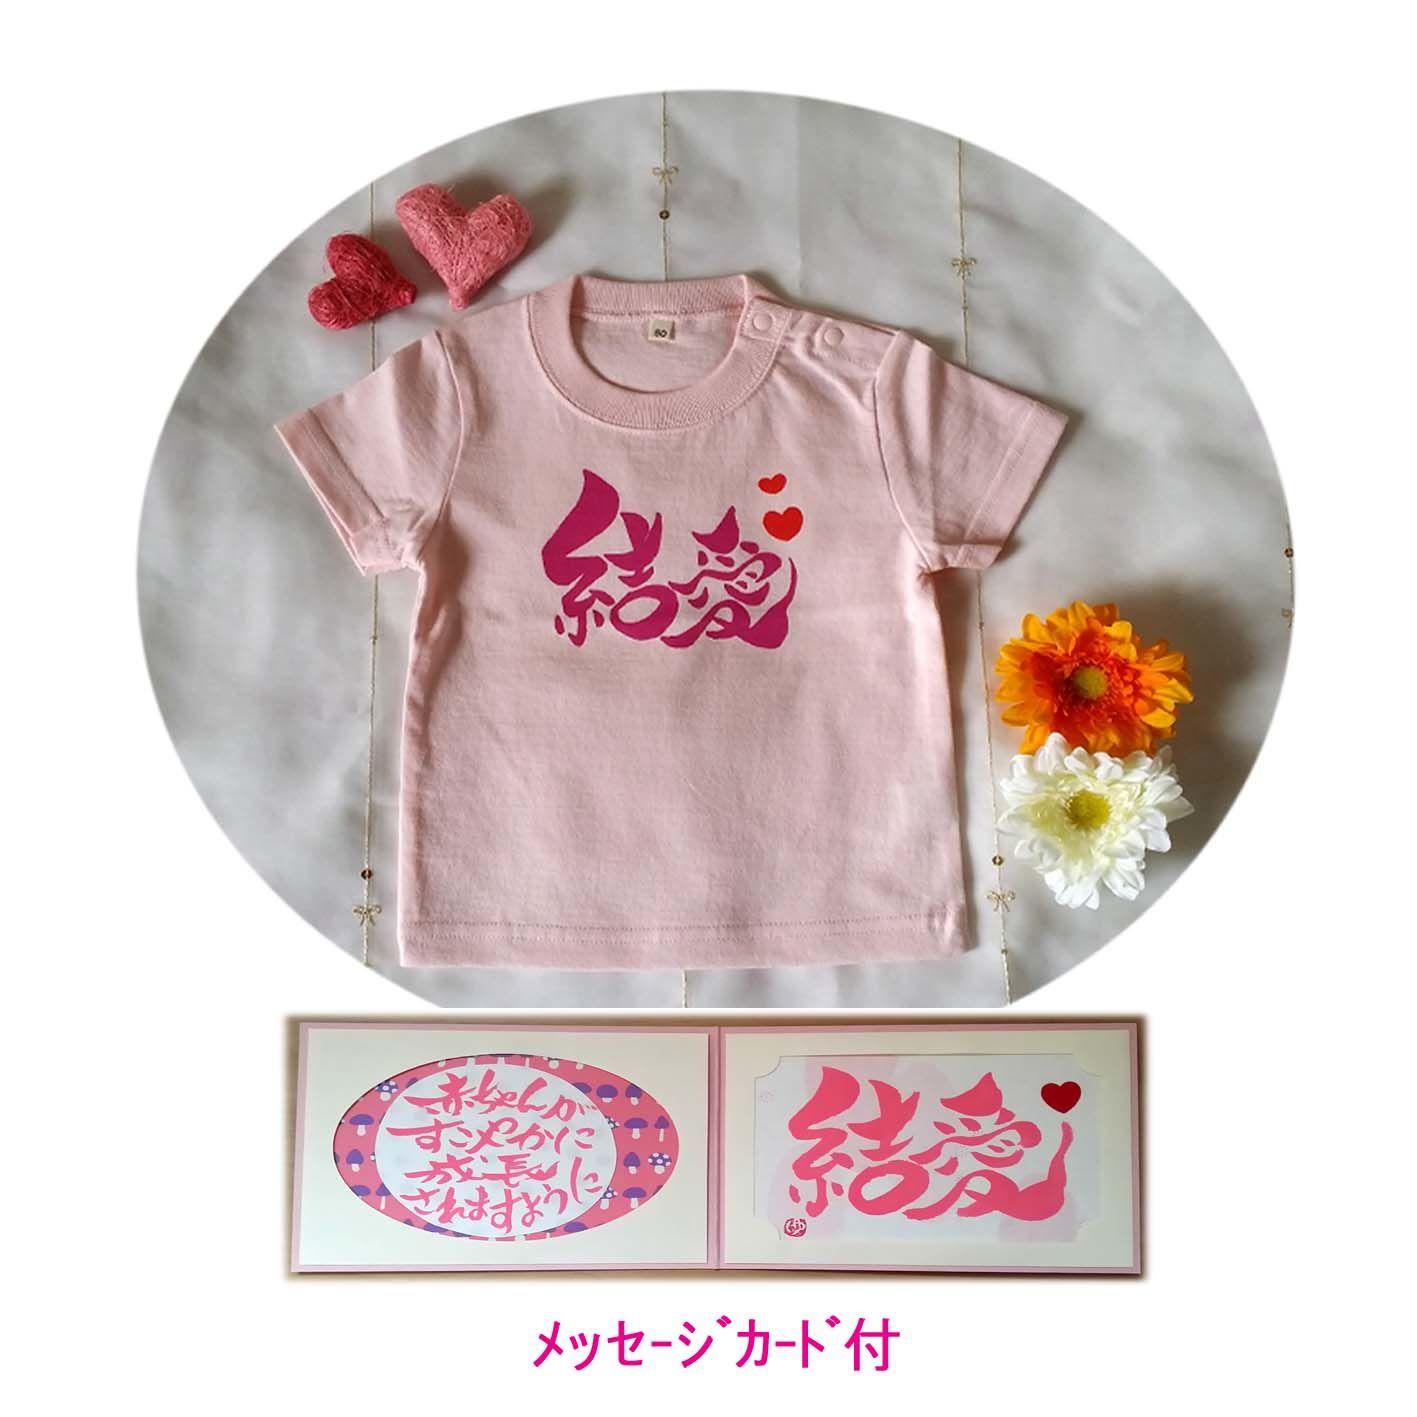 HAPPYnameTシャツ(女の子)